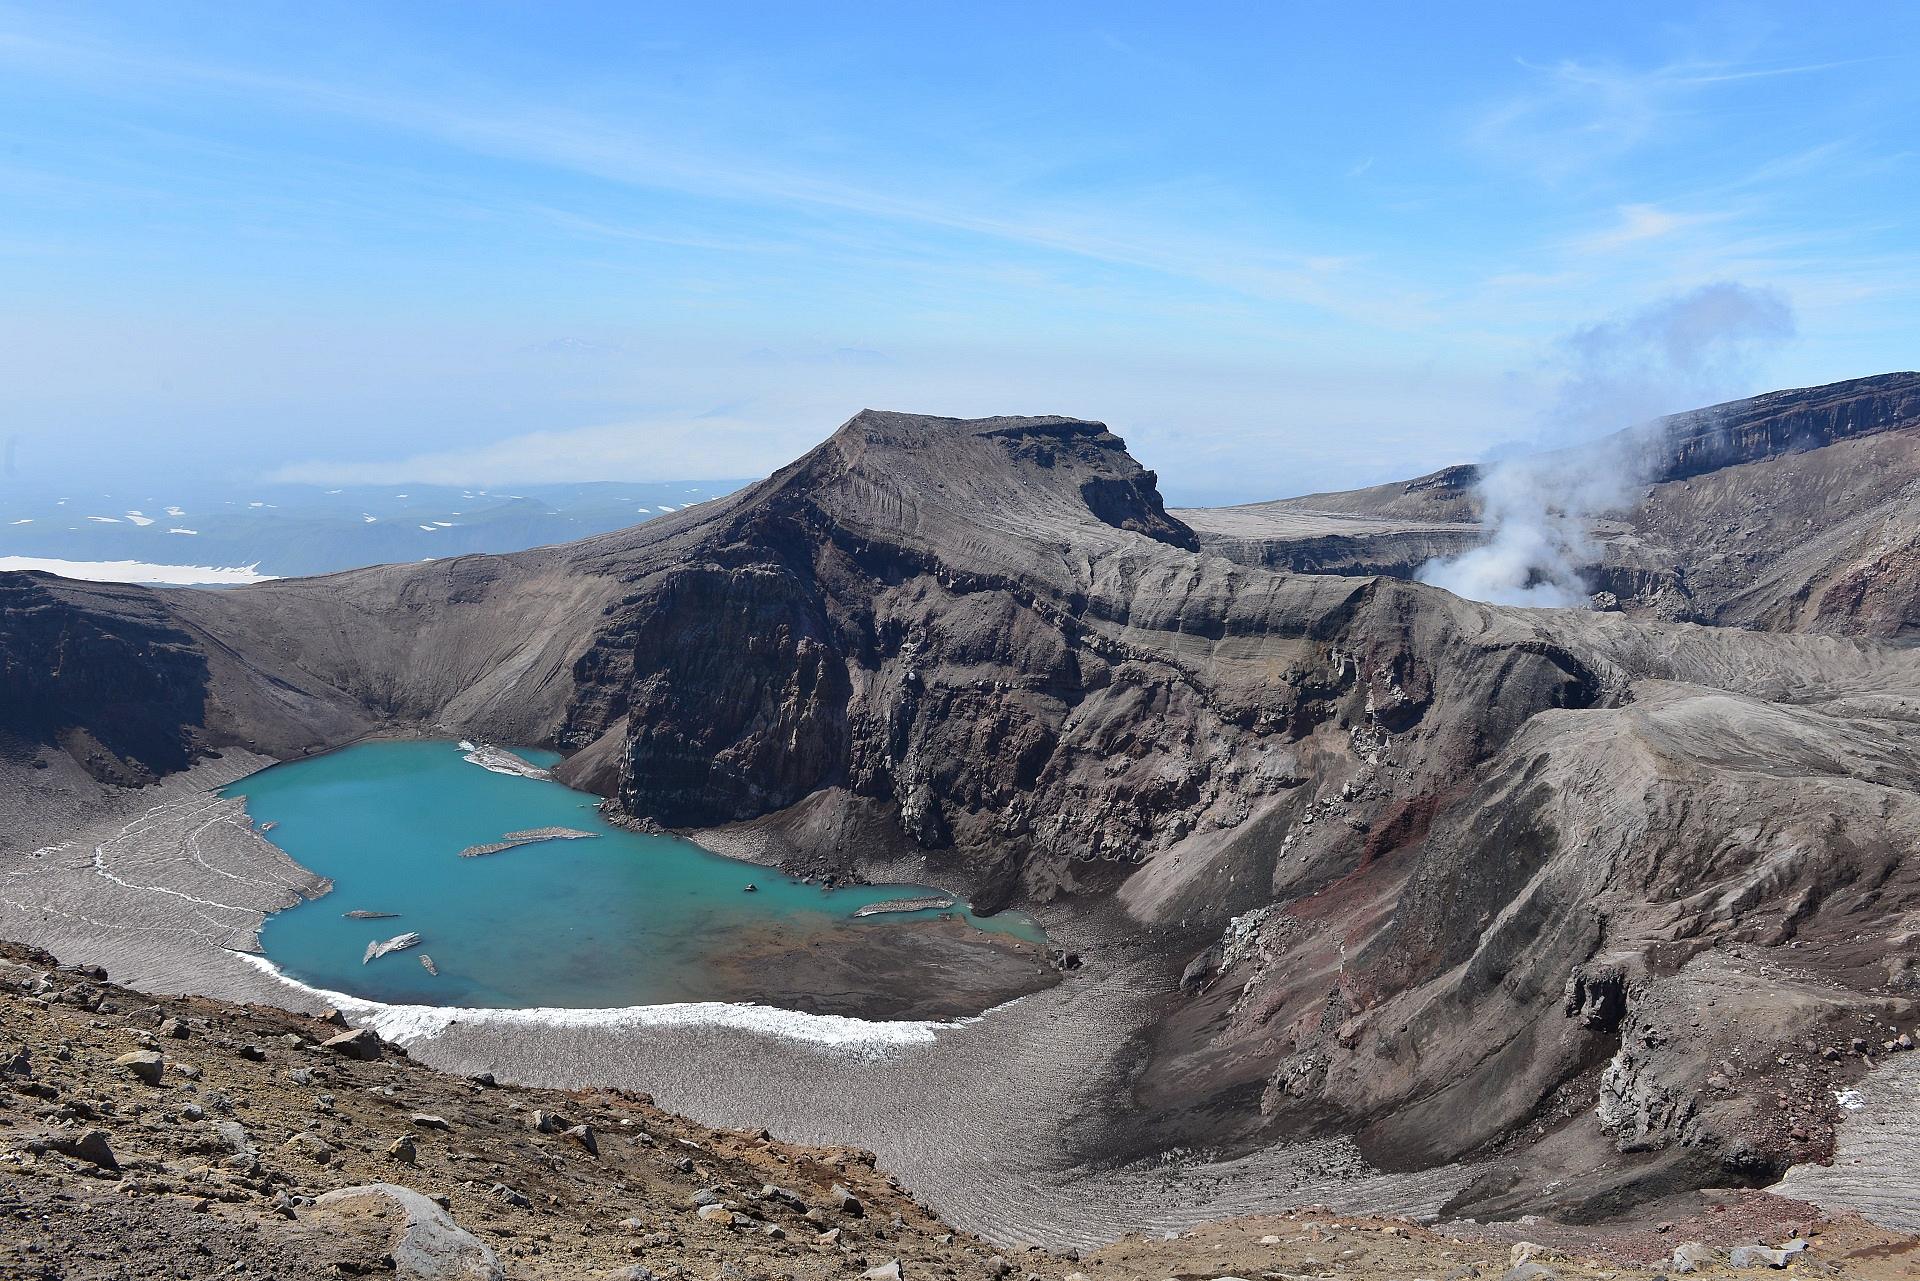 Goreliy volcano